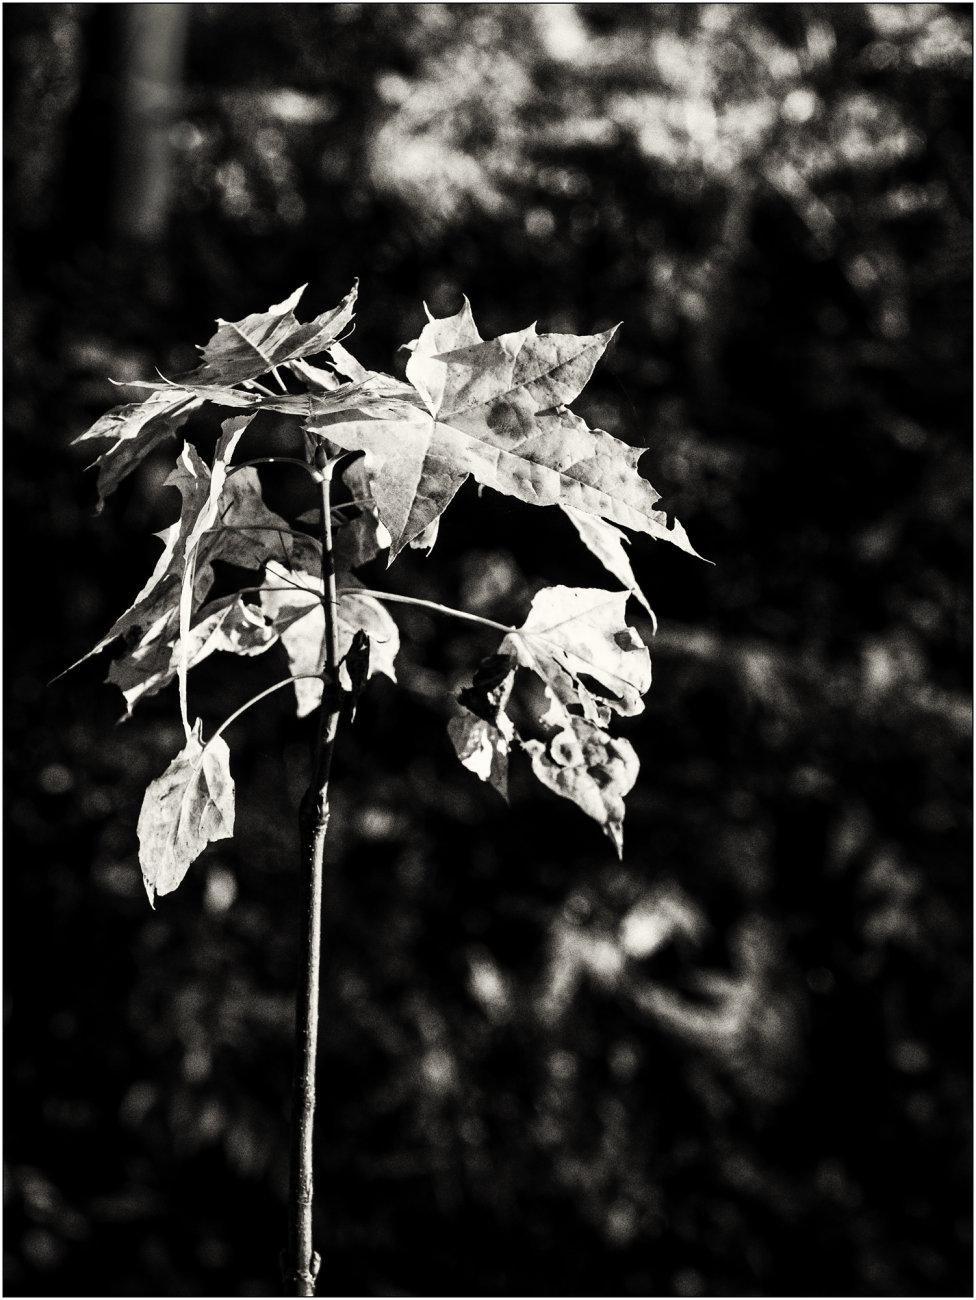 Autumn : Dull Days 1